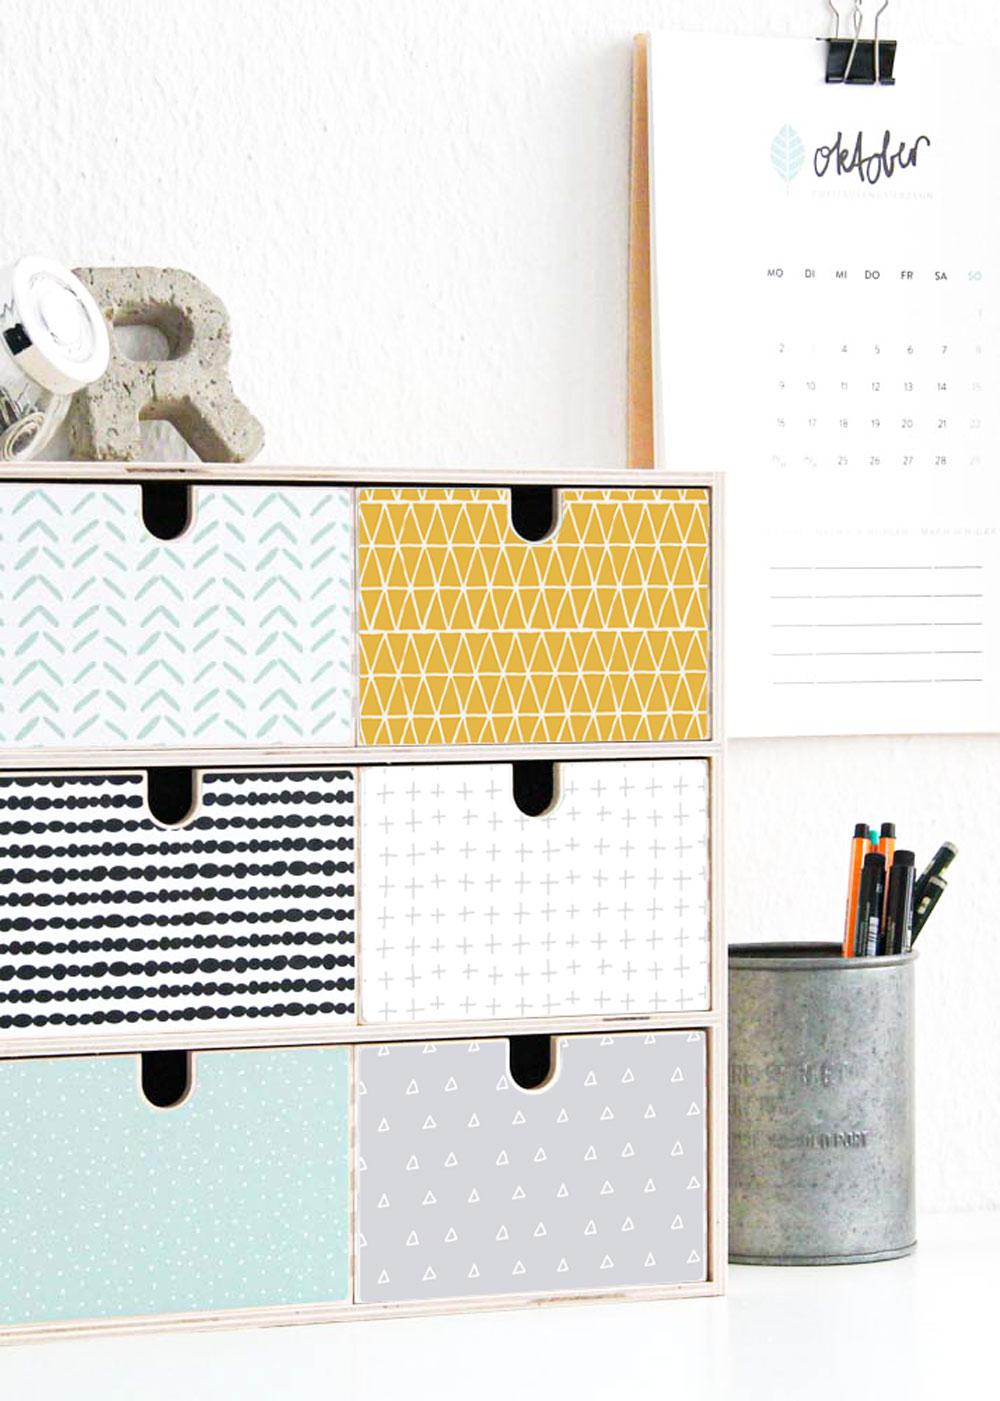 Ikea Moppe Mini Kommode Musta Senf Mint 31x18x32 Gesamt